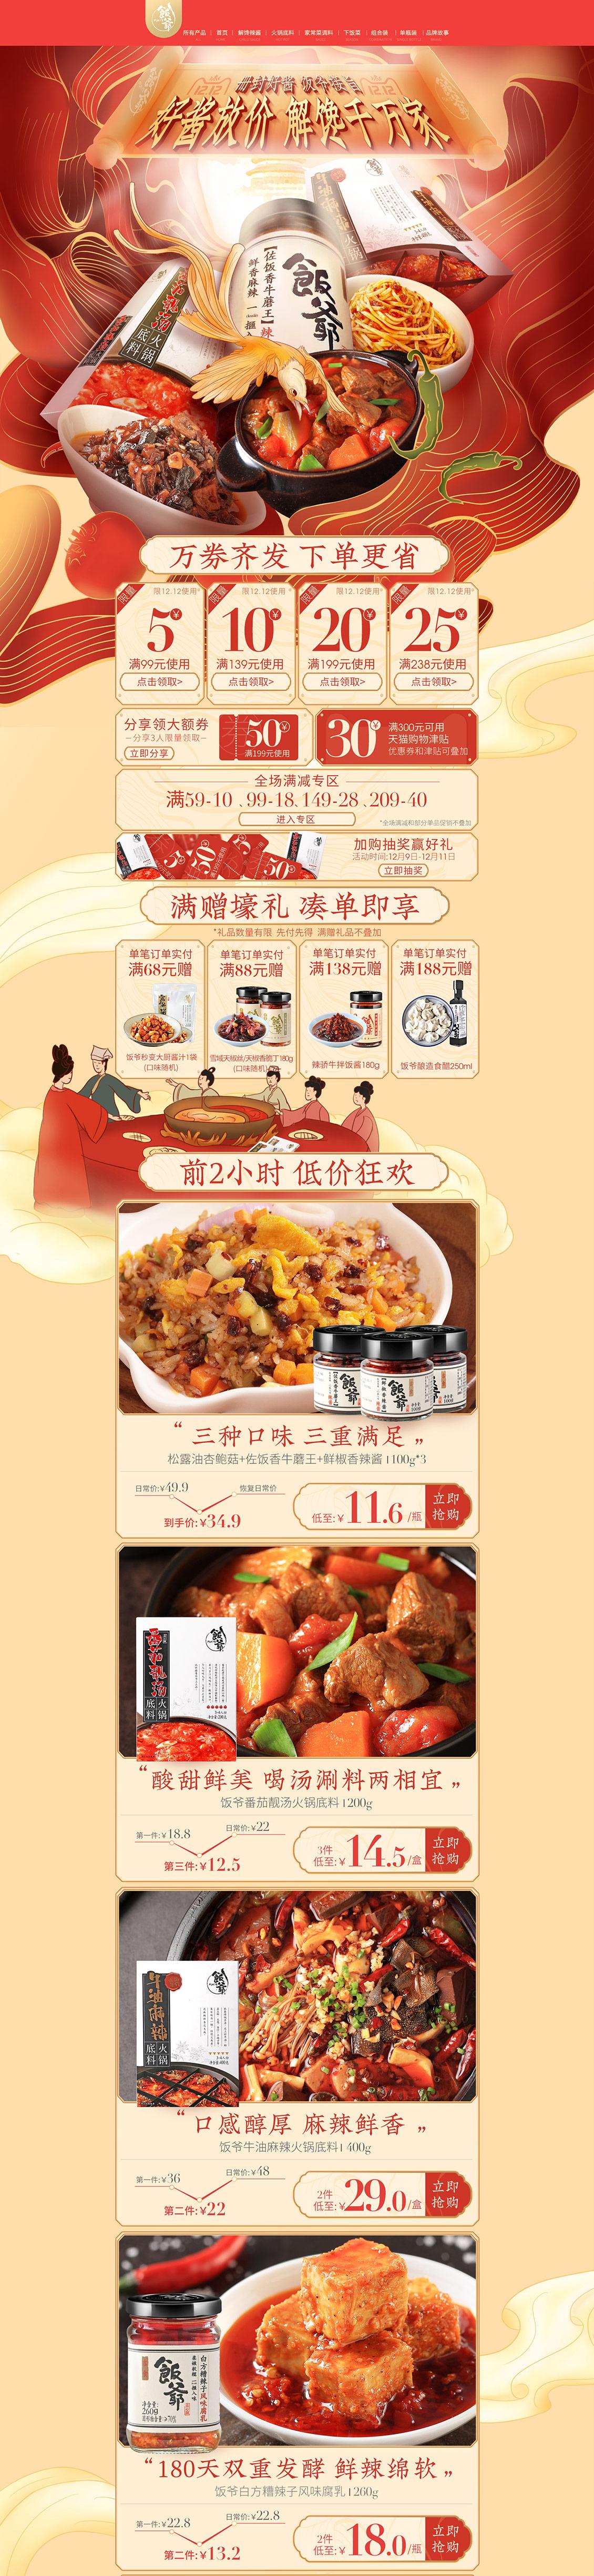 饭爷 食品 零食 酒水 双12预售 双十二来了 天猫首页活动专题页面设计